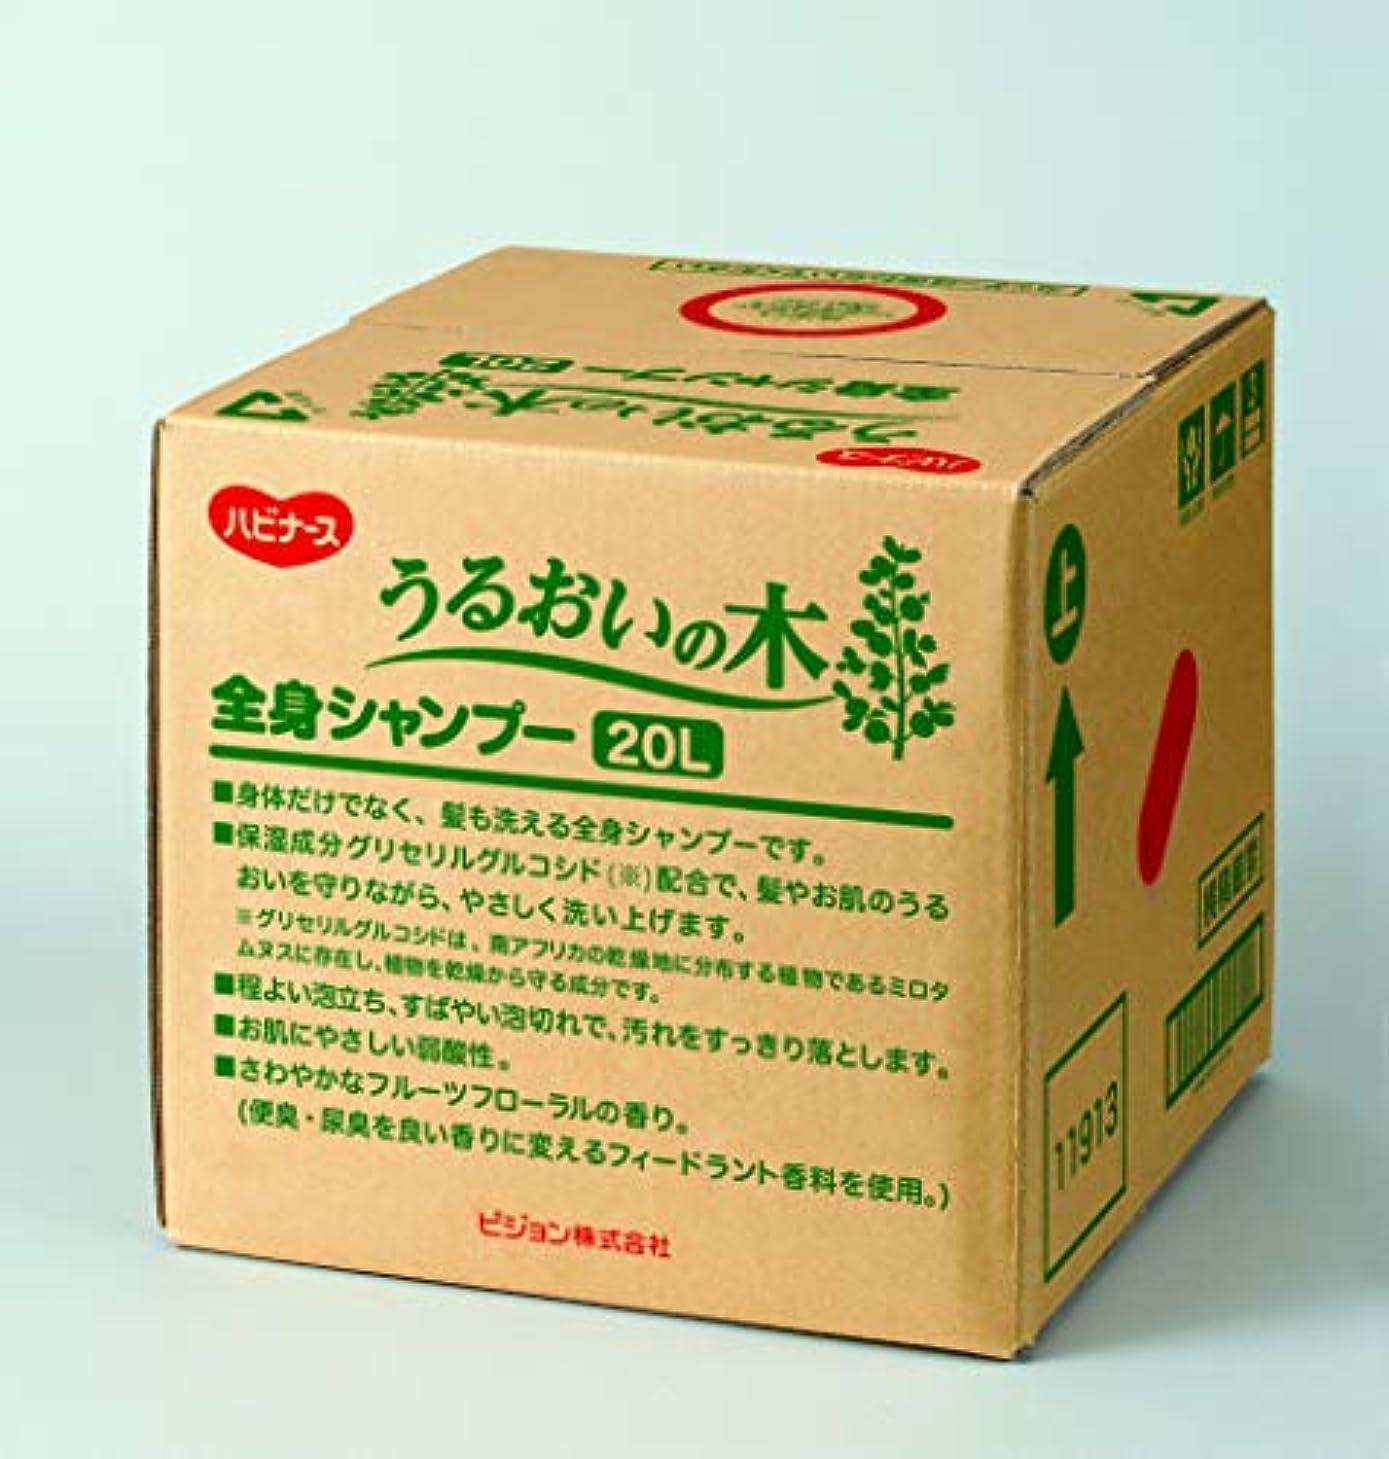 マオリ潮ジュースうるおいの木 全身シャンプー 20L